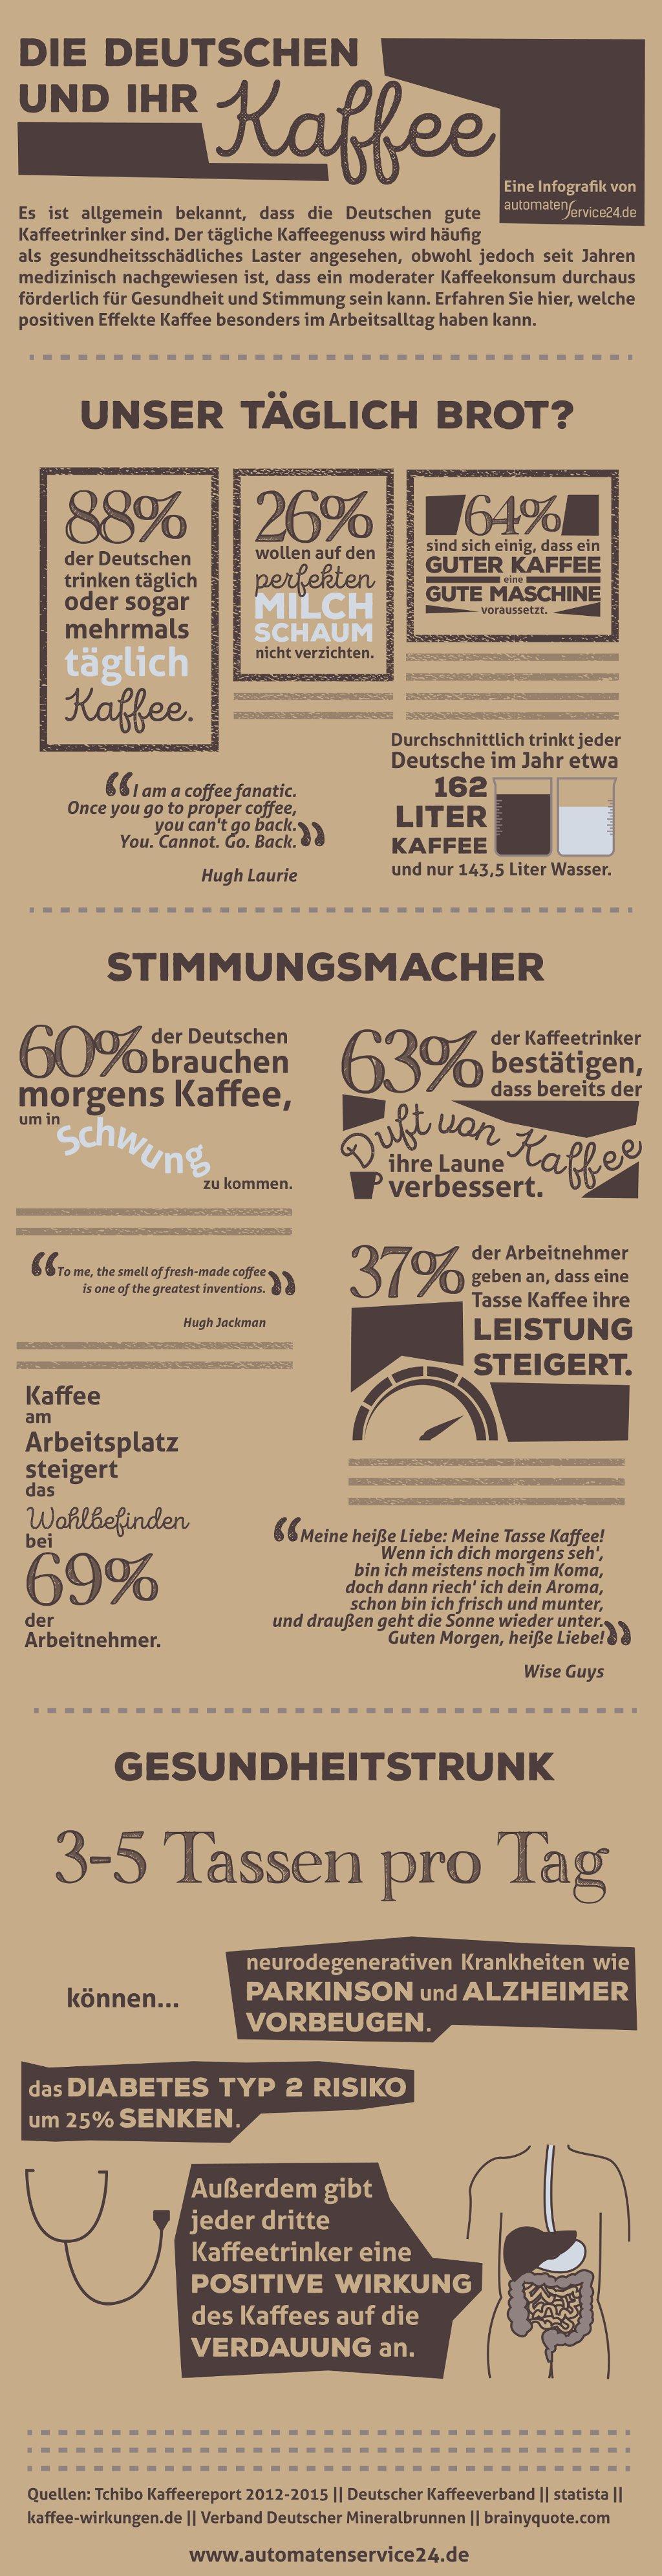 Die deutschen und ihr Kaffee